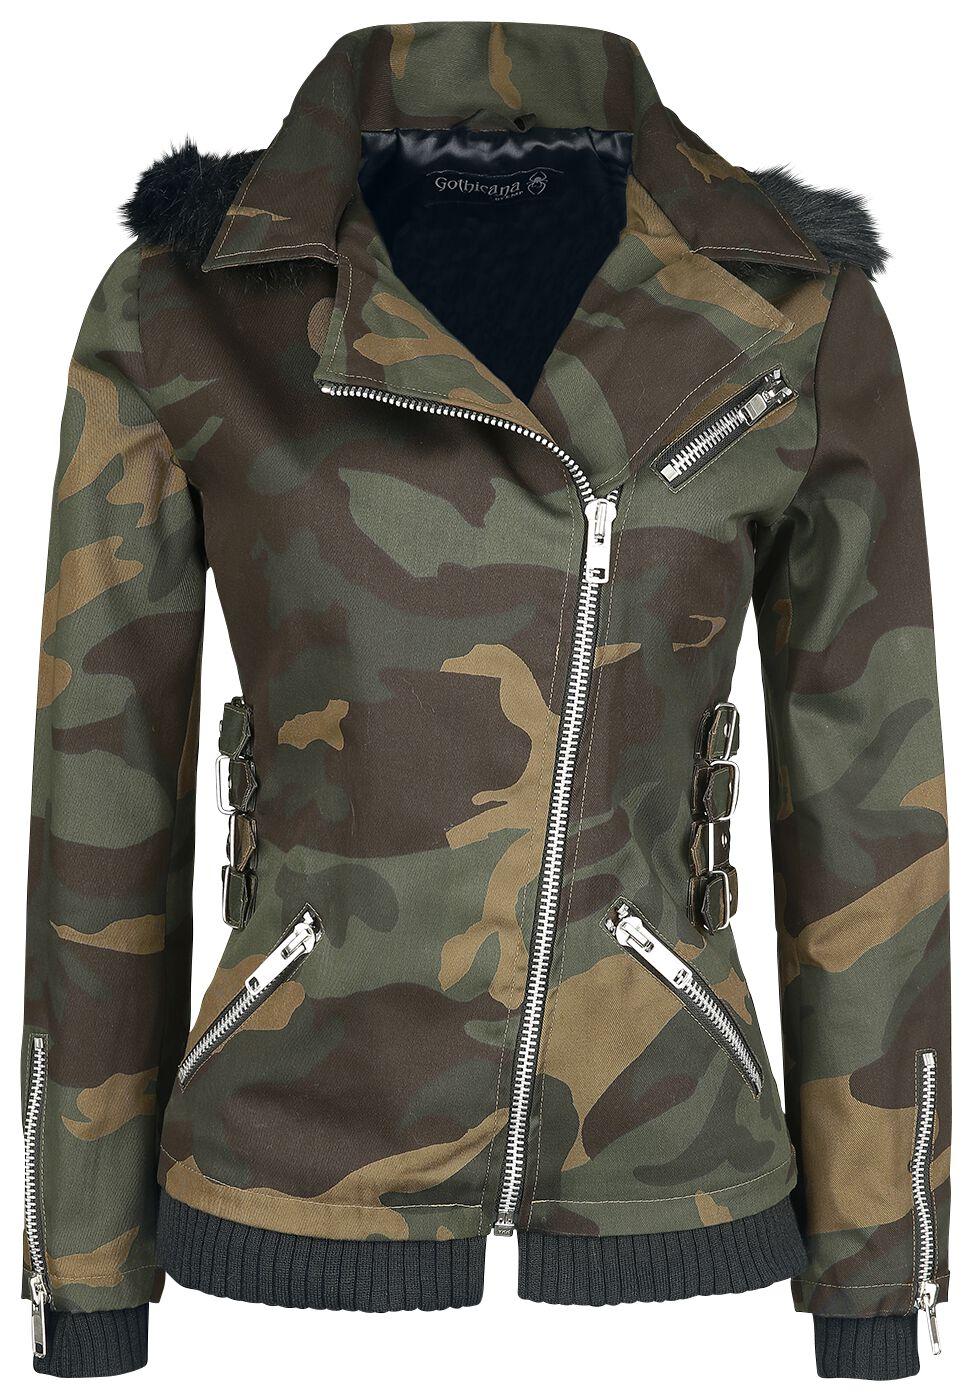 Jacken für Frauen - Gothicana by EMP All Over The Road Übergangsjacke camouflage  - Onlineshop EMP